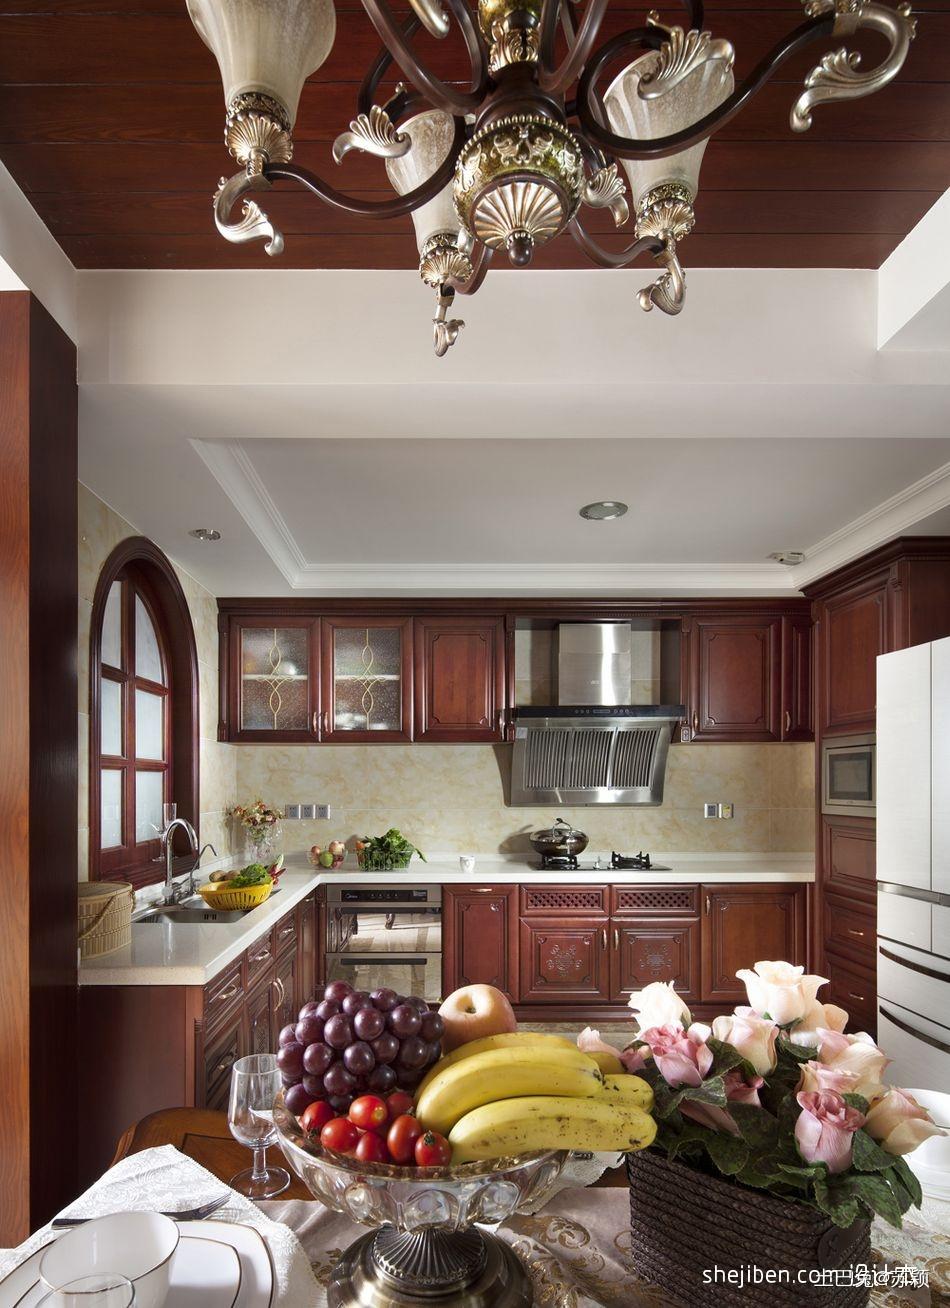 精美面积106平混搭三居厨房装修图片欣赏餐厅潮流混搭厨房设计图片赏析